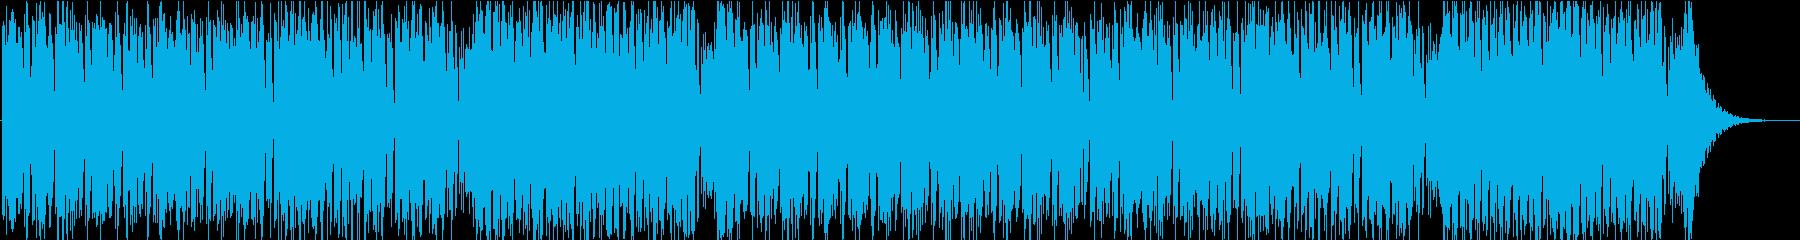 少し冷たい雰囲気の曲です。の再生済みの波形